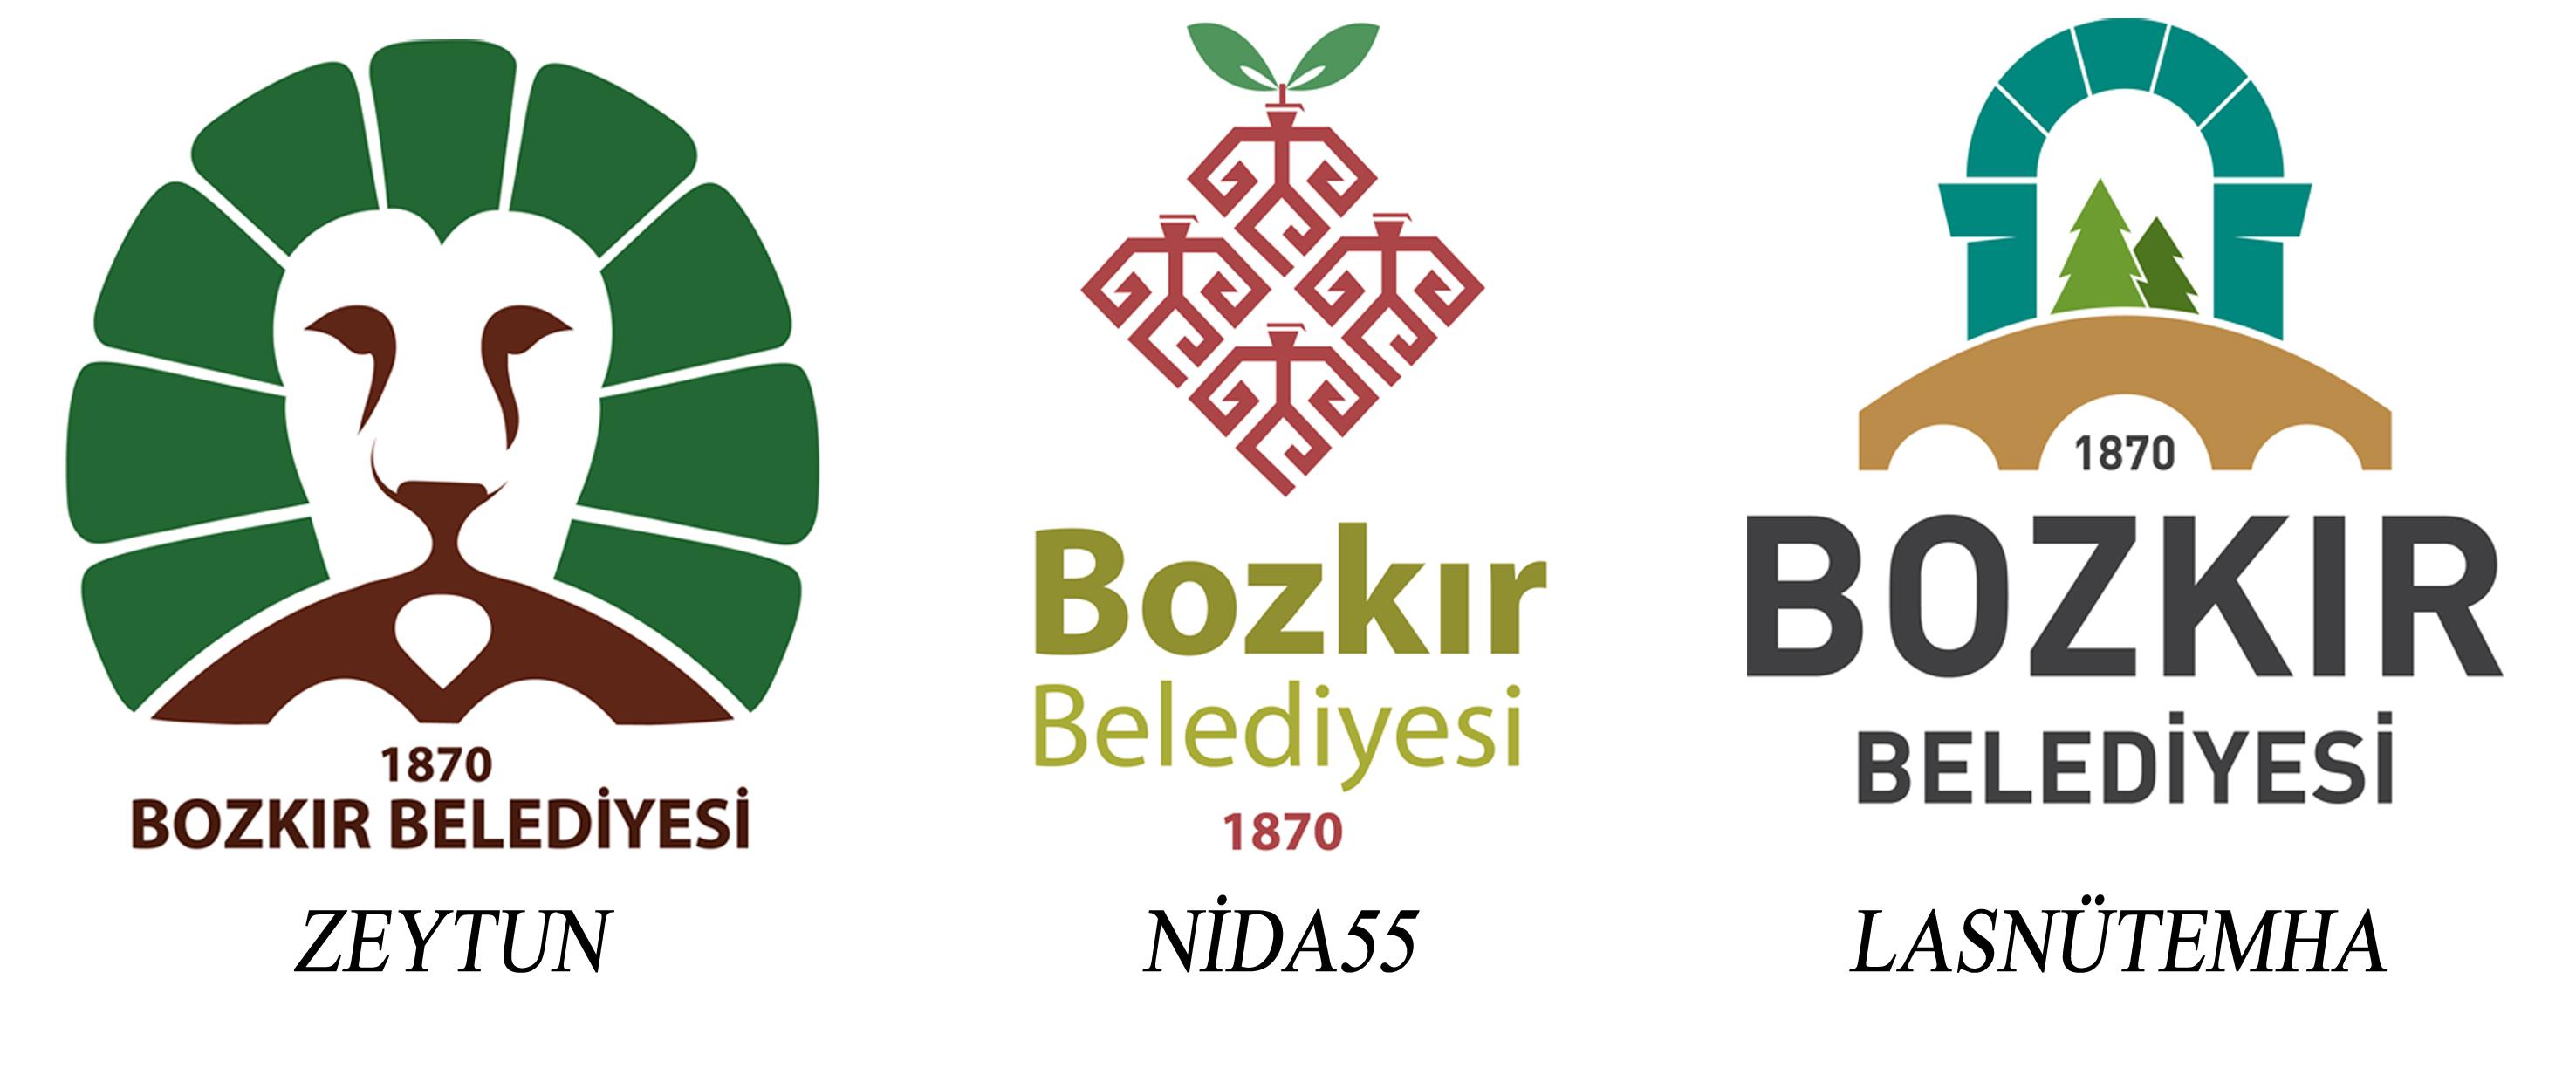 Bozkır Belediyesi Logo Yarışması Sonuçları